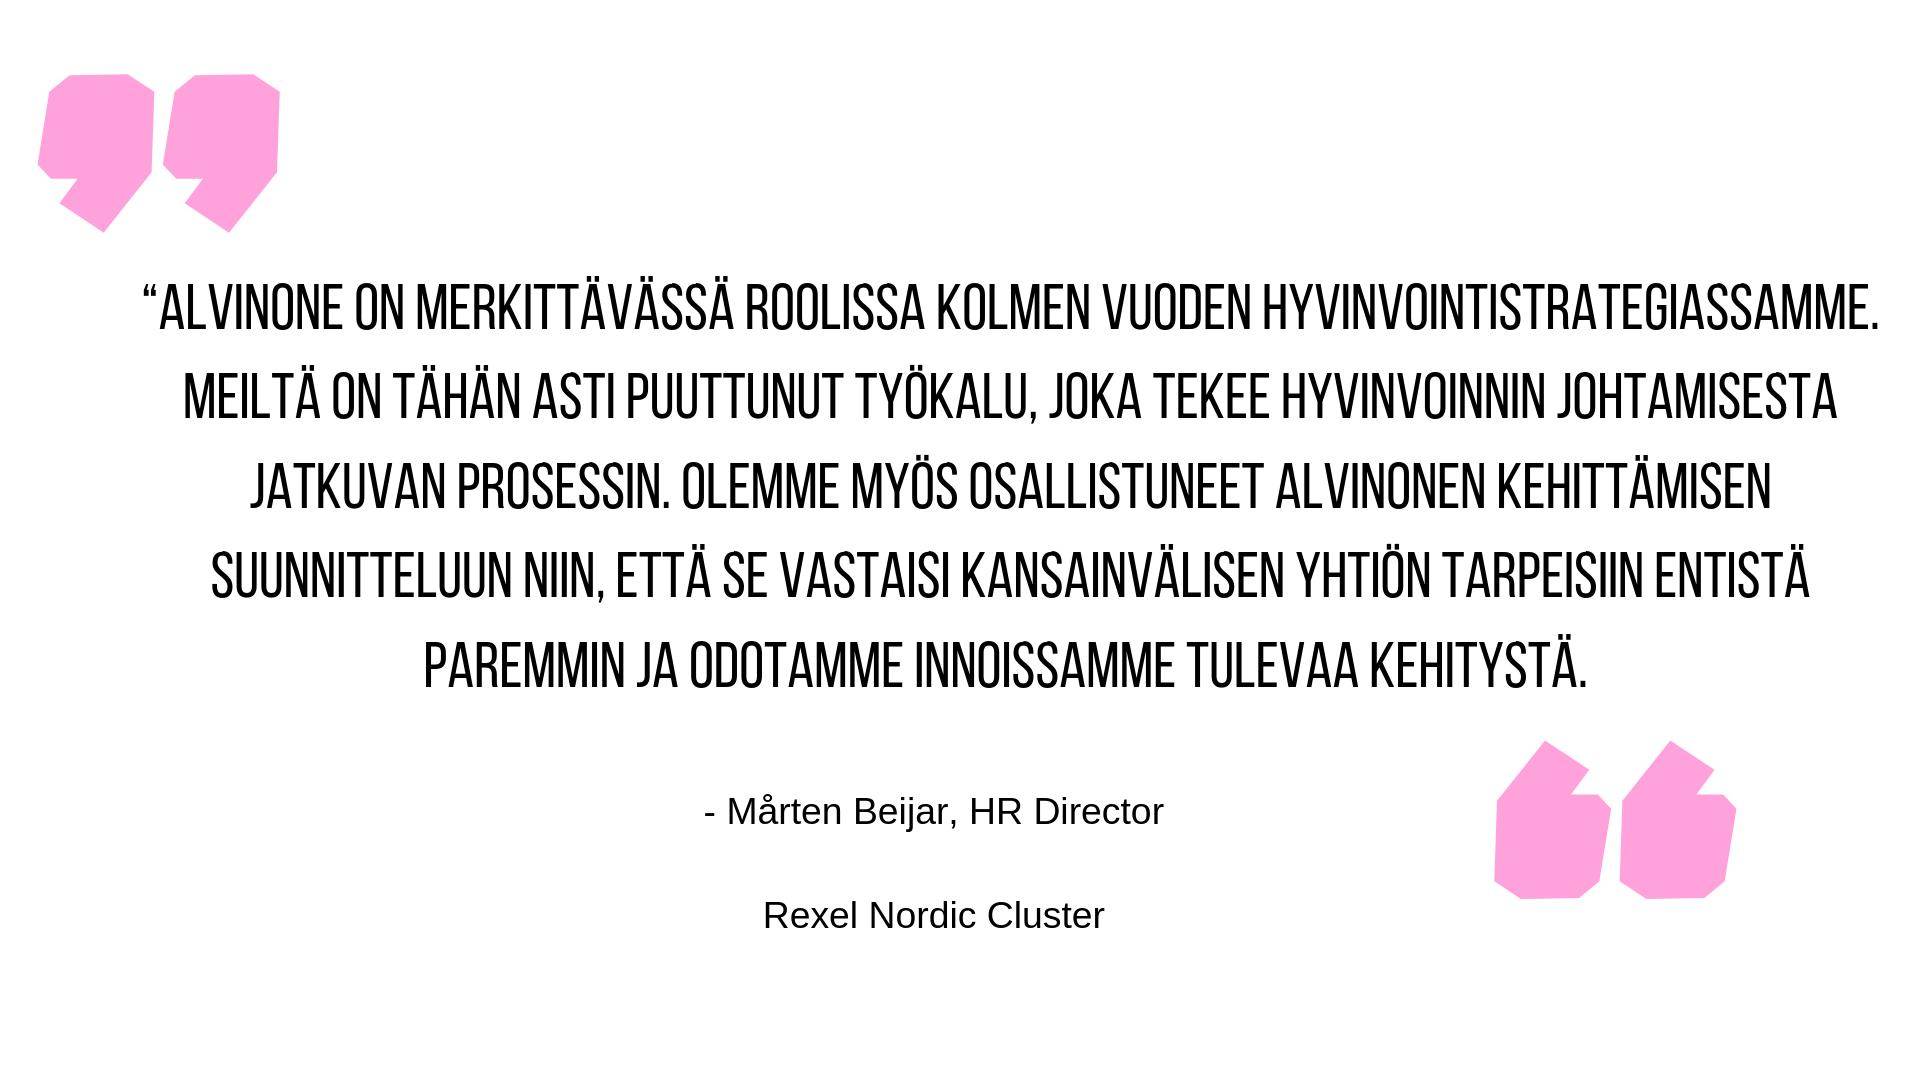 suosituskommentti Mårten Beijar kuinka hyvä alvinone tuote on